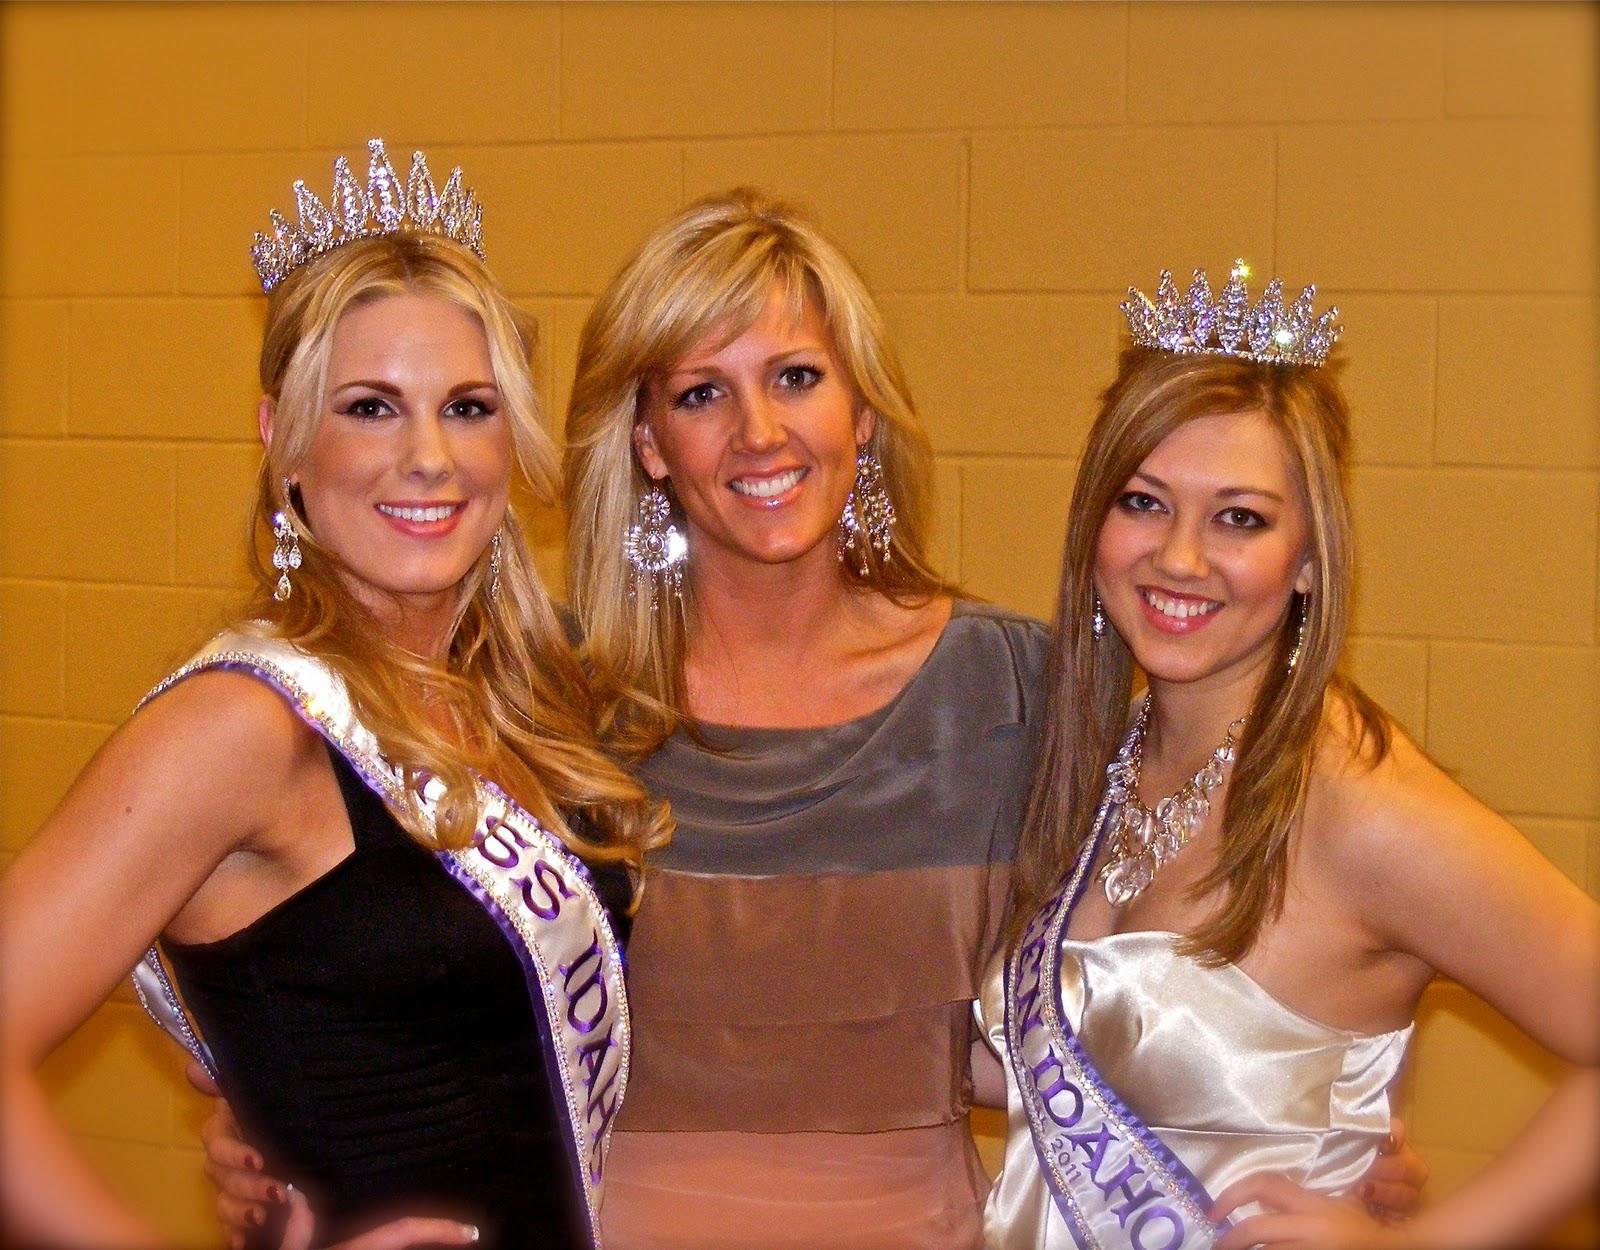 and Julia Jaquin, Miss Teen Idaho Intl. 2011